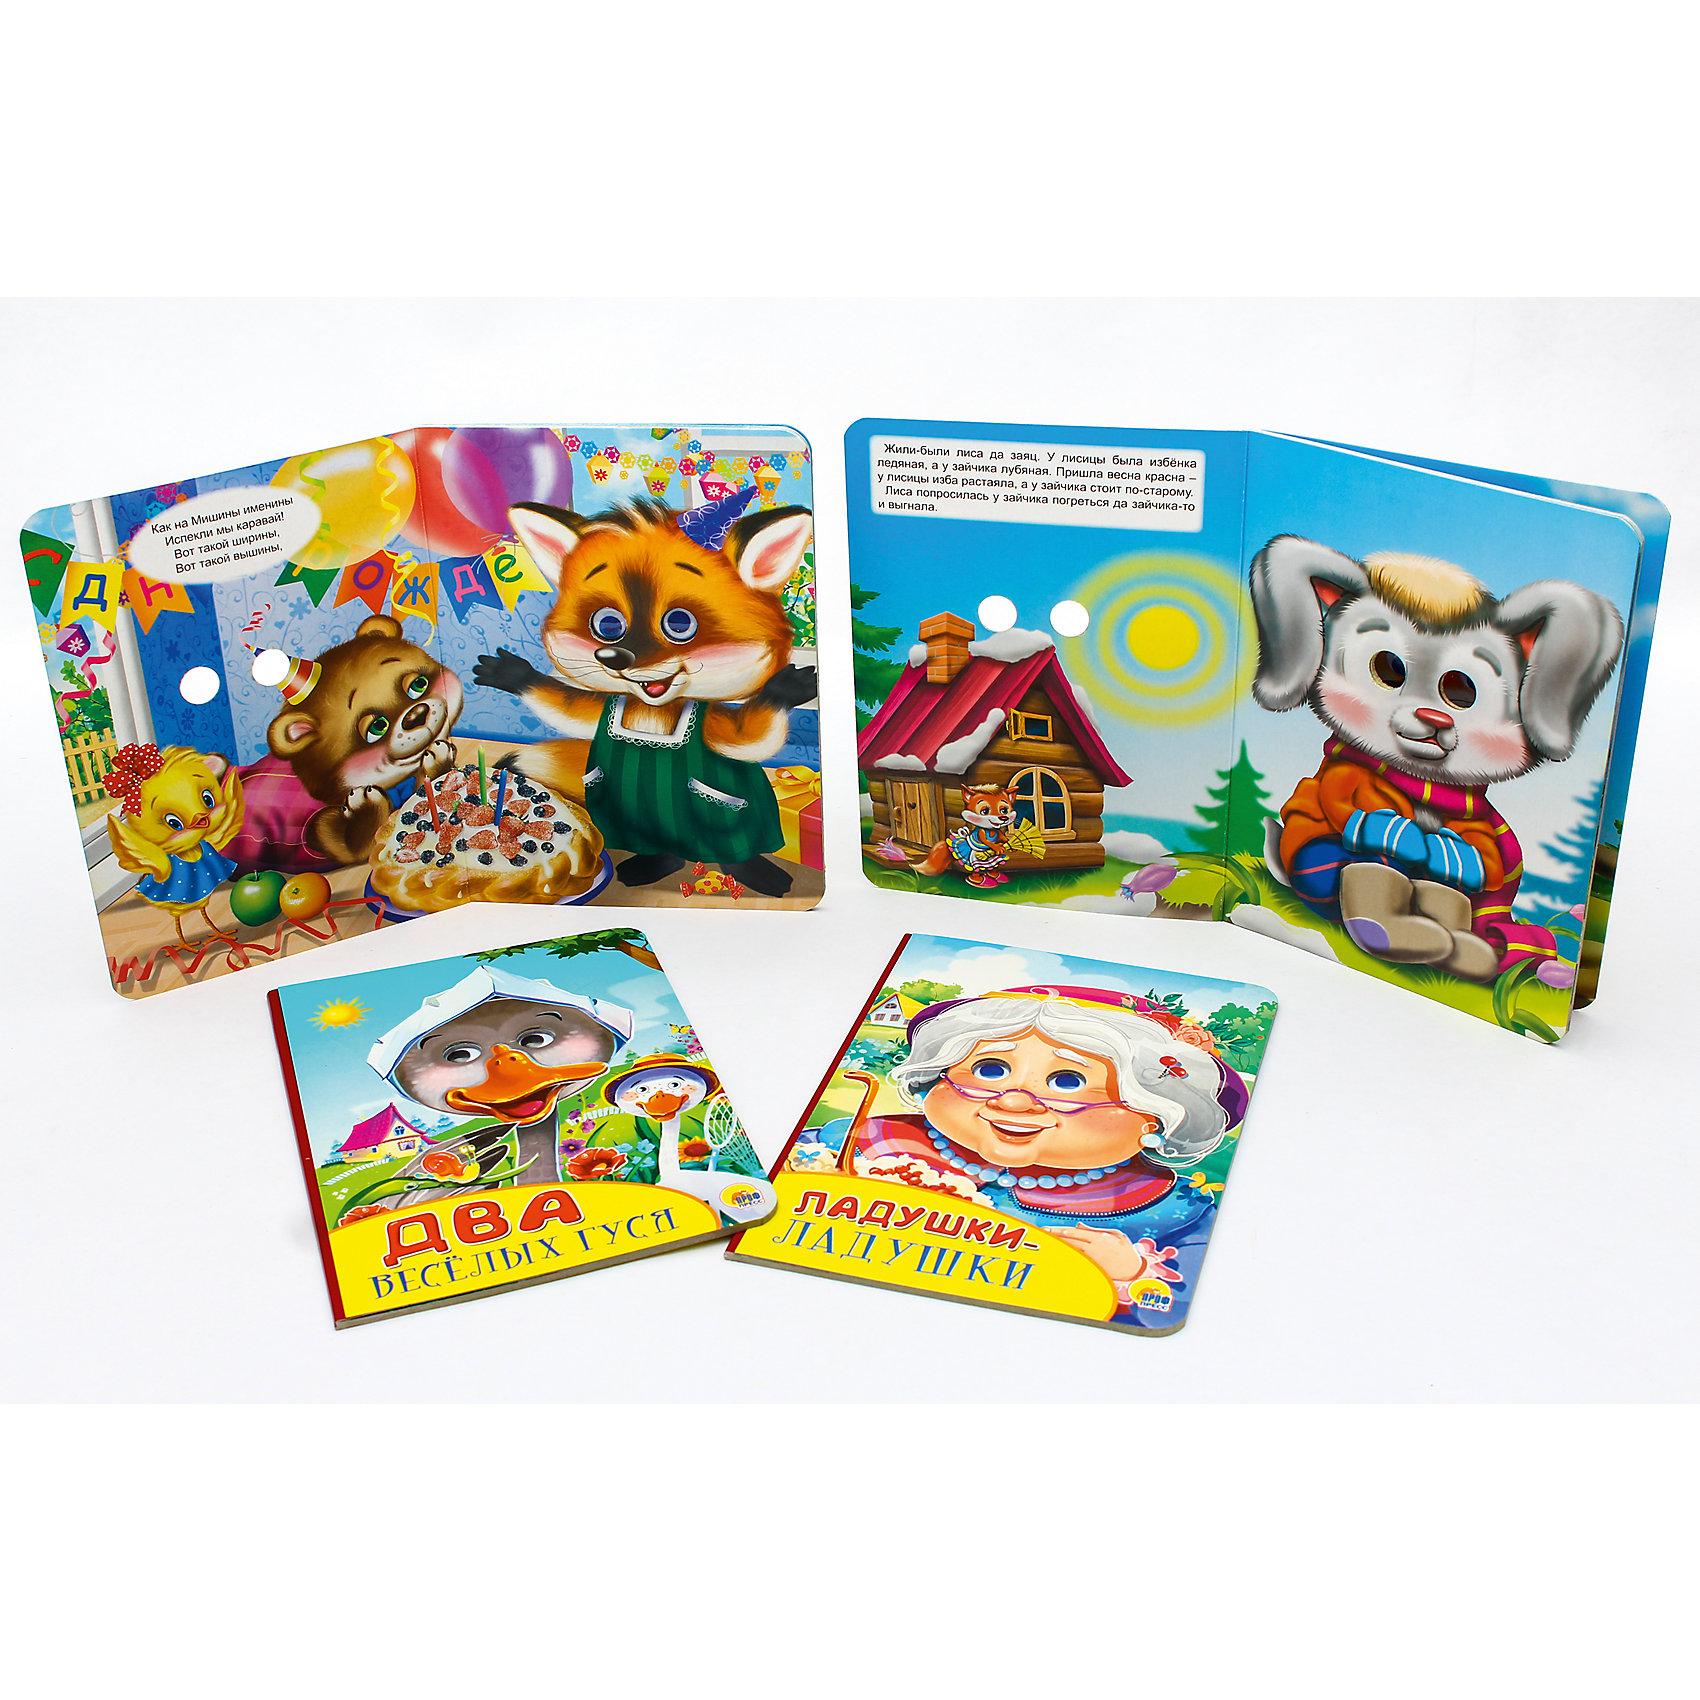 Сказки для малышей Ладушки-ладушки, Два весёлых гуся, Заюшкина избушка, Каравай-каравайОбучающие карточки<br>Обучающие карточки серии «Уроки для самых маленьких» помогут ребёнку узнать много интересного об окружающем мире, его богатстве и многообразии. Каждый набор включает 16 карточек и посвящён определённой тематике. Благодаря данному набору ребёнок в познавательной и в то же время игровой форме узнает, как безопасно вести себя дома и на улице, как правильно поступать в той или иной ситуации, а также познакомится с телефонными номерами экстренных служб. Работа с карточками станет для малыша не только увлекательным занятием, но и начальным этапом подготовки к дальнейшему обучению в школе.<br><br>Ширина мм: 160<br>Глубина мм: 220<br>Высота мм: 24<br>Вес г: 448<br>Возраст от месяцев: 12<br>Возраст до месяцев: 36<br>Пол: Унисекс<br>Возраст: Детский<br>SKU: 6990135